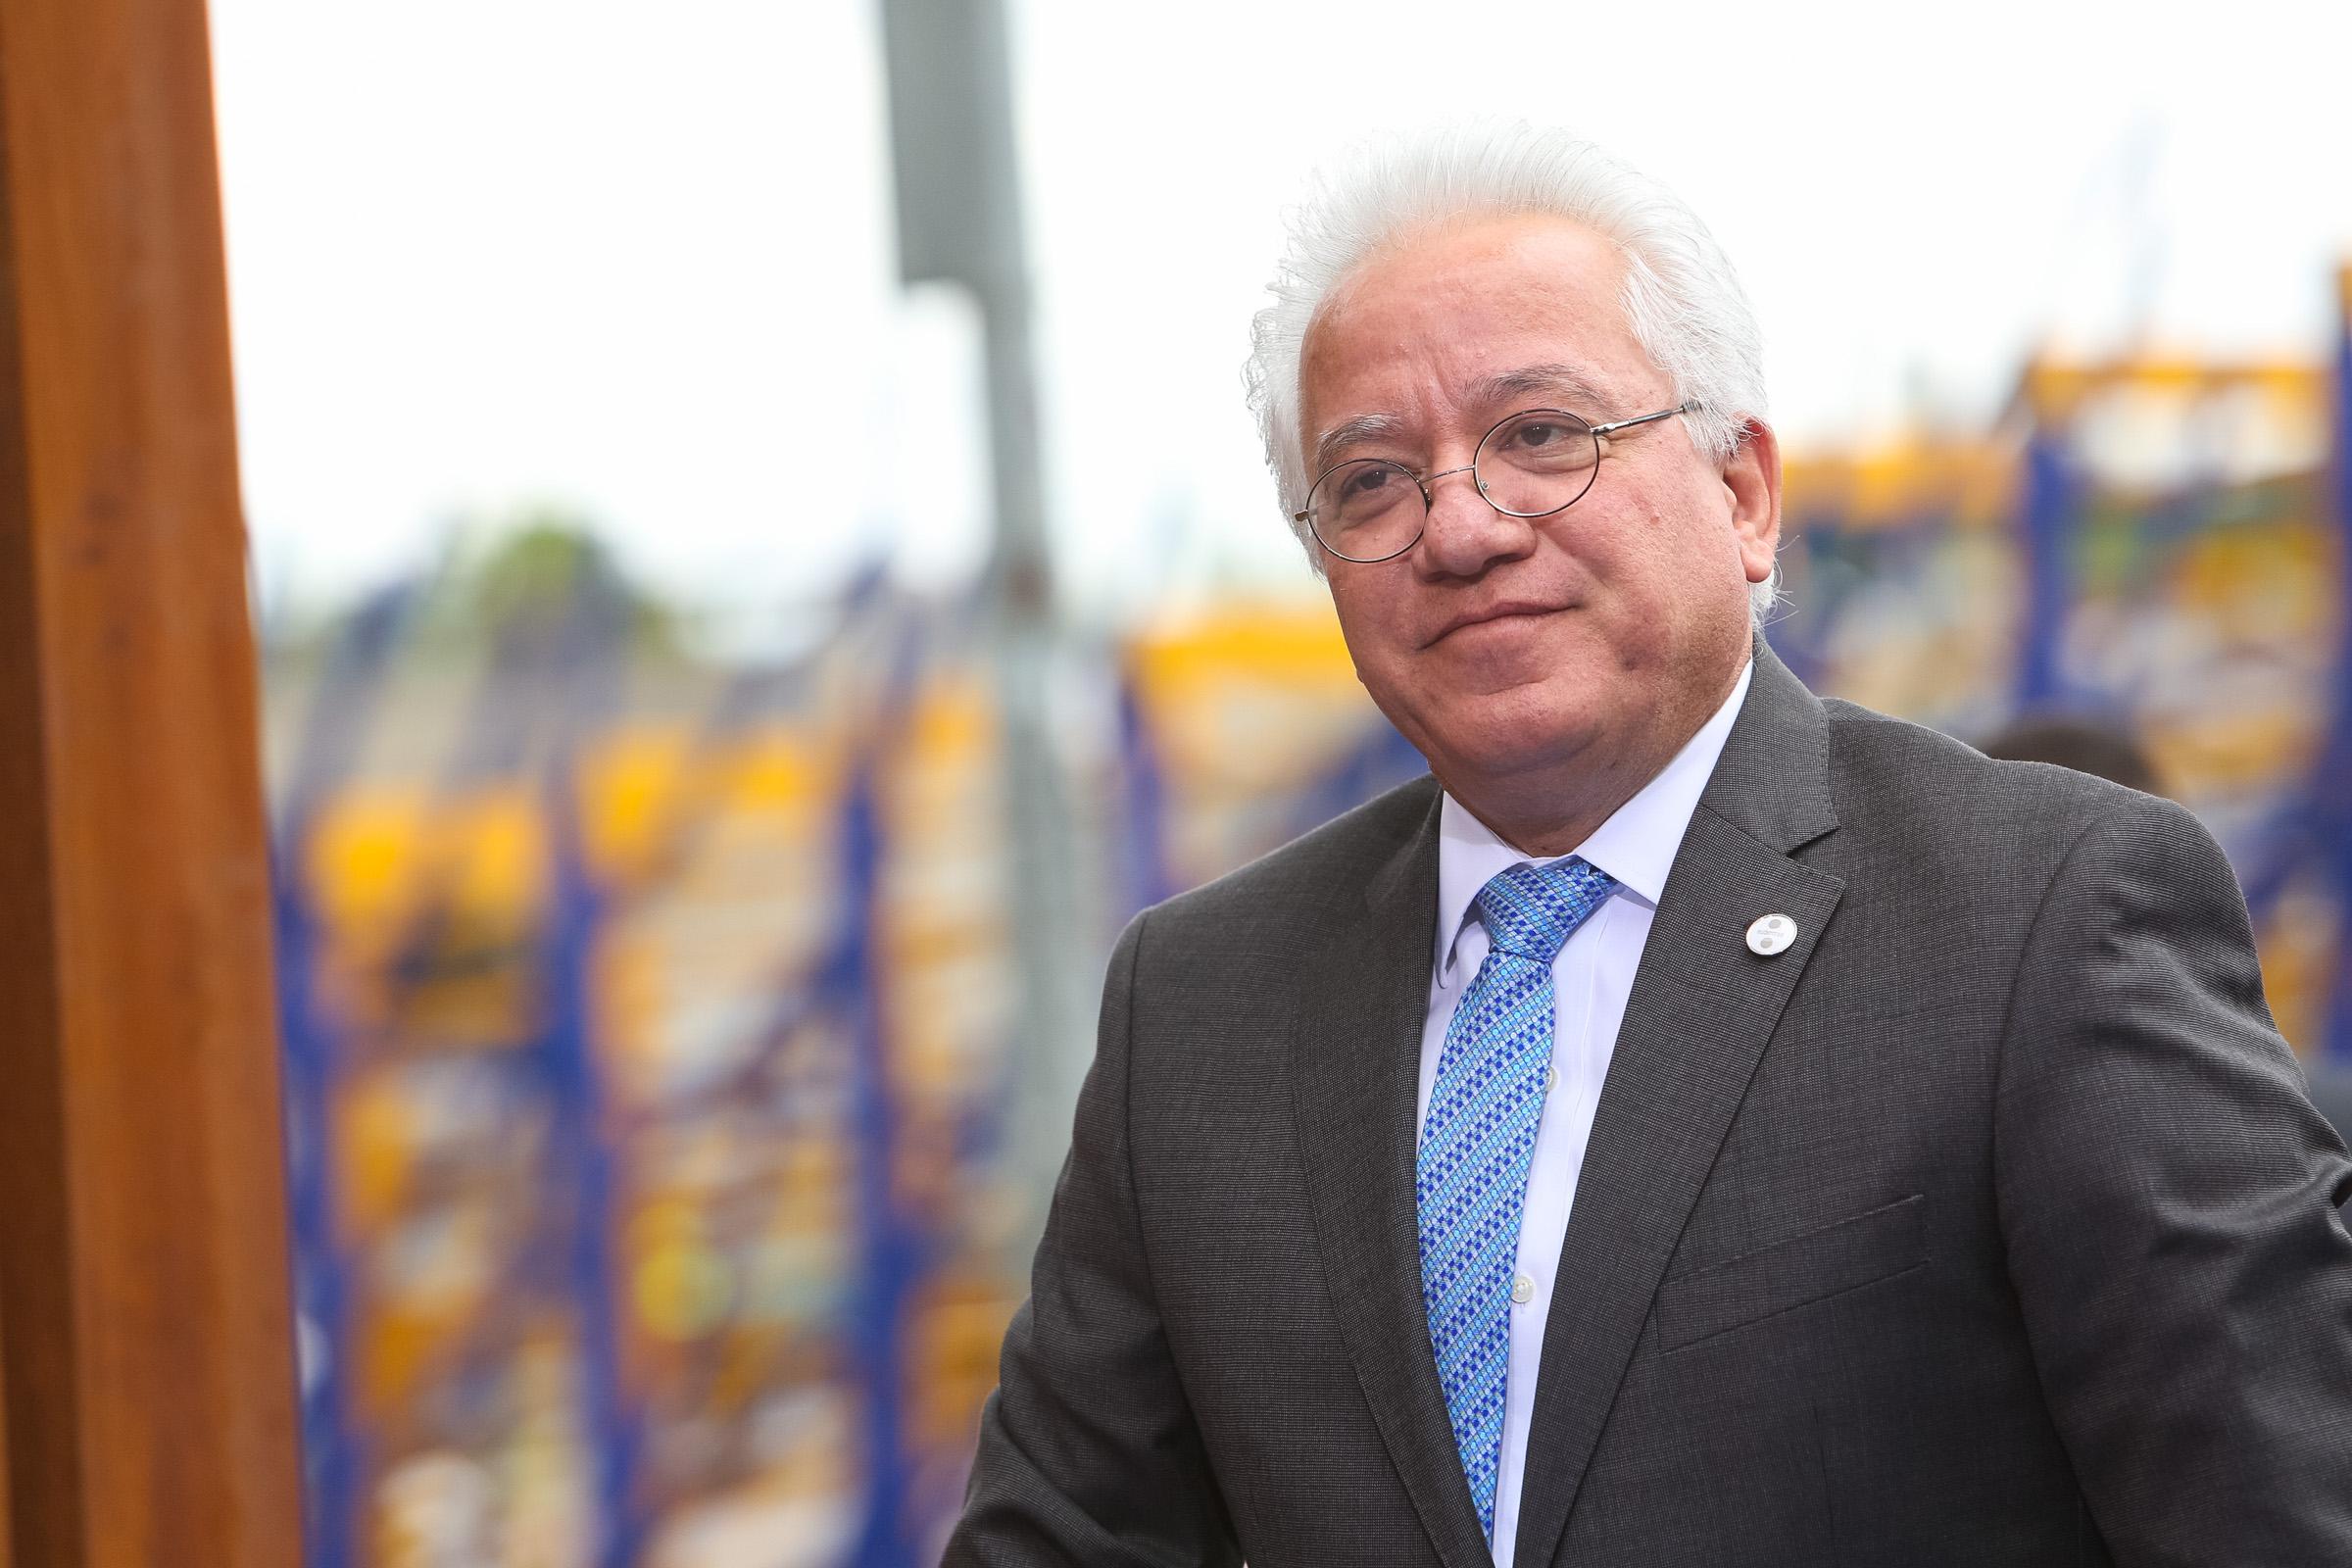 Προς παραίτηση ο Υπουργός Δικαιοσύνης της Κύπρου